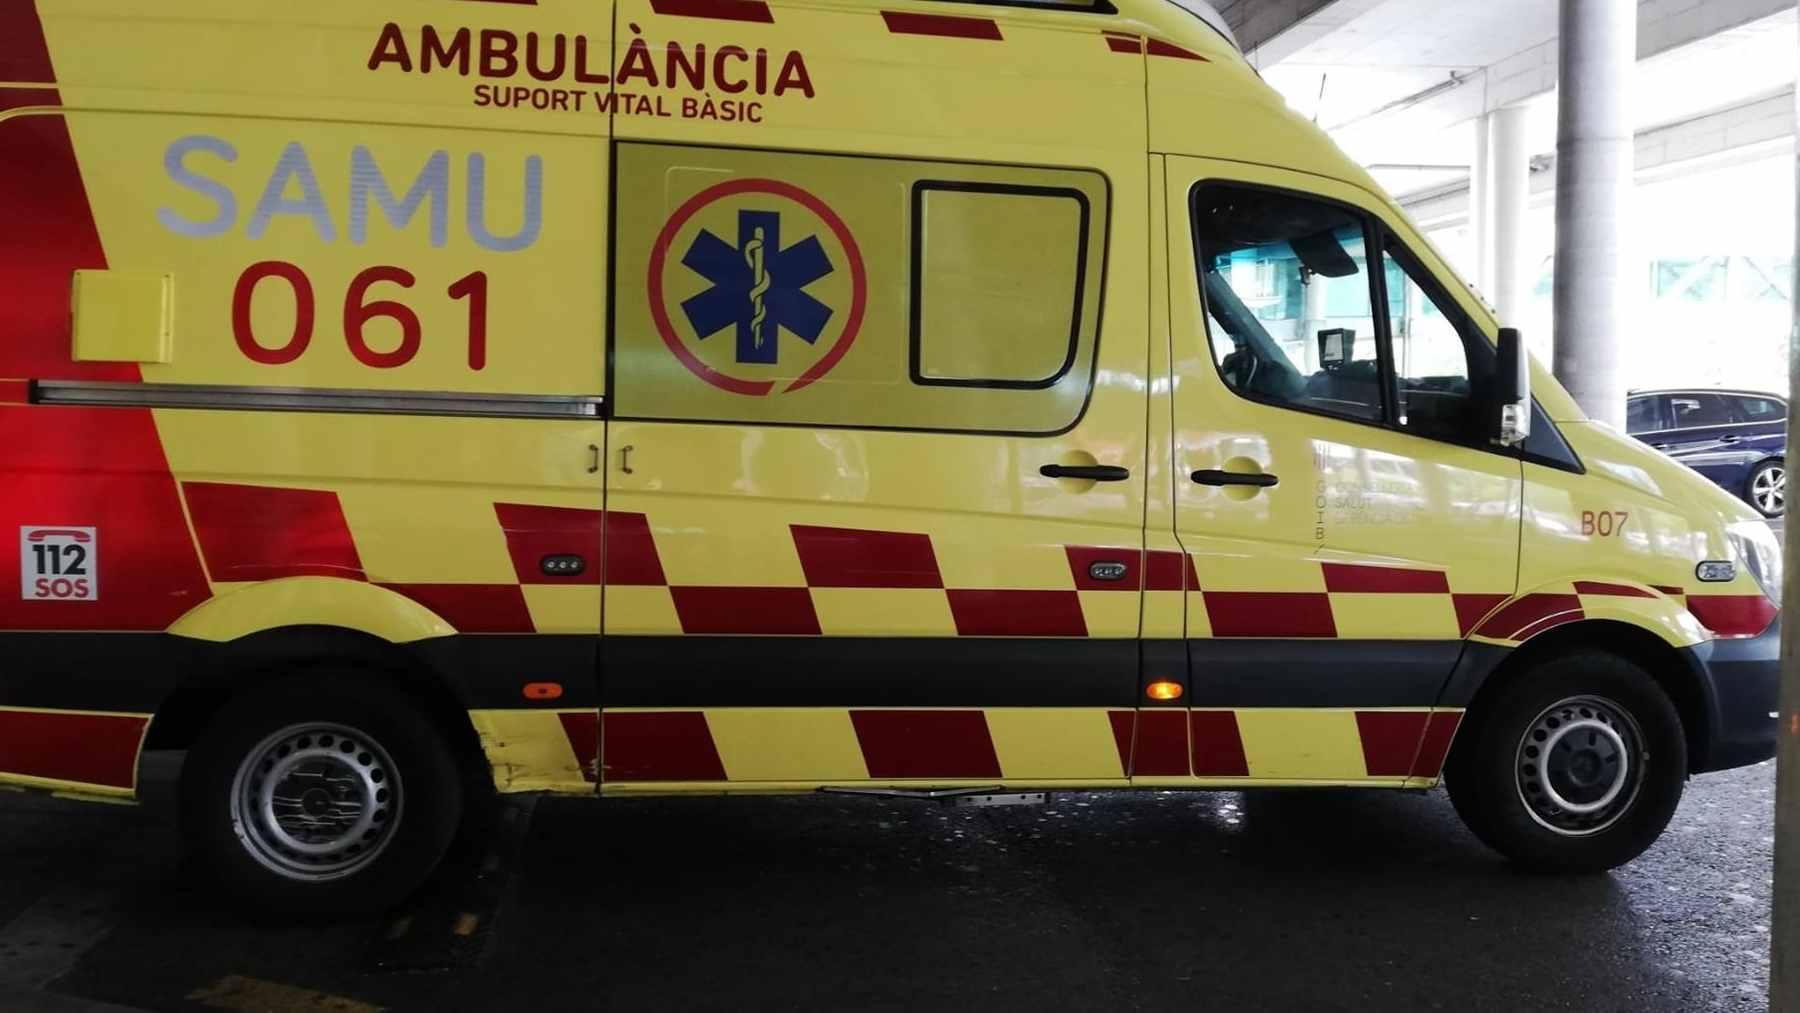 Una ambulancia de soporte vital básico del SAMU 061 de Baleares. Foto: Europa Press